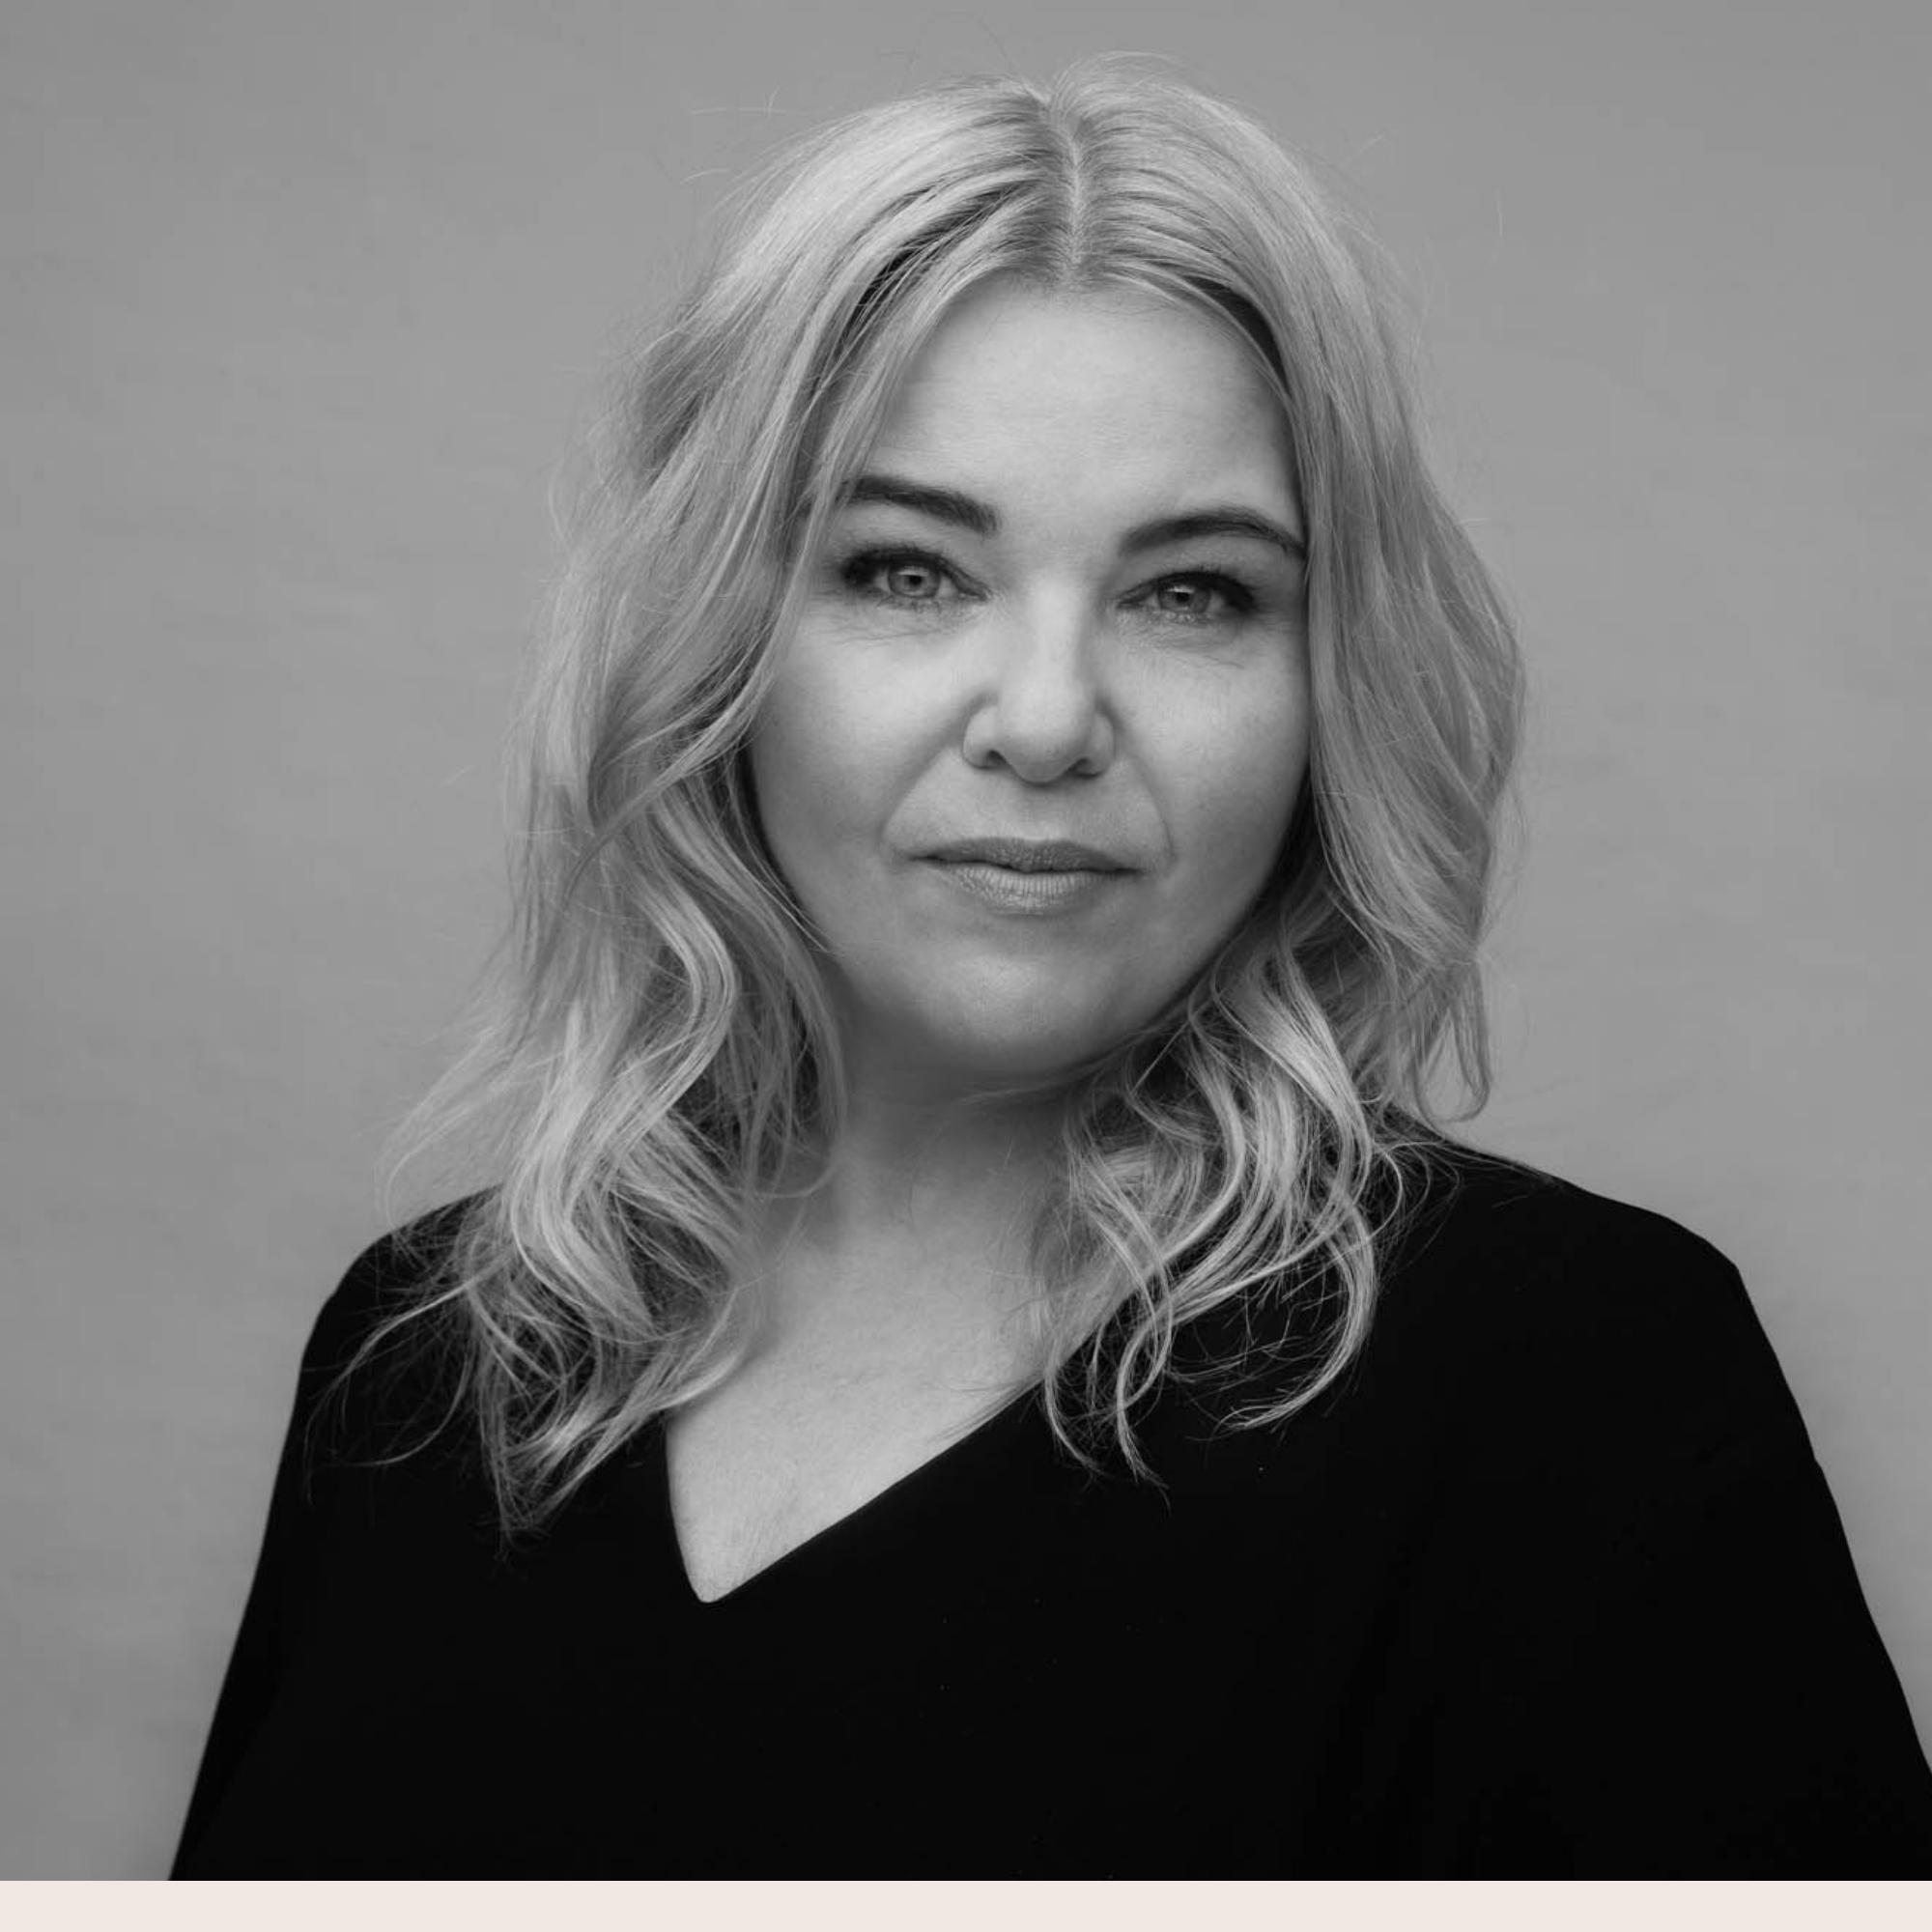 Rikke Kjelgaard - psychologist, author and expert in ACT